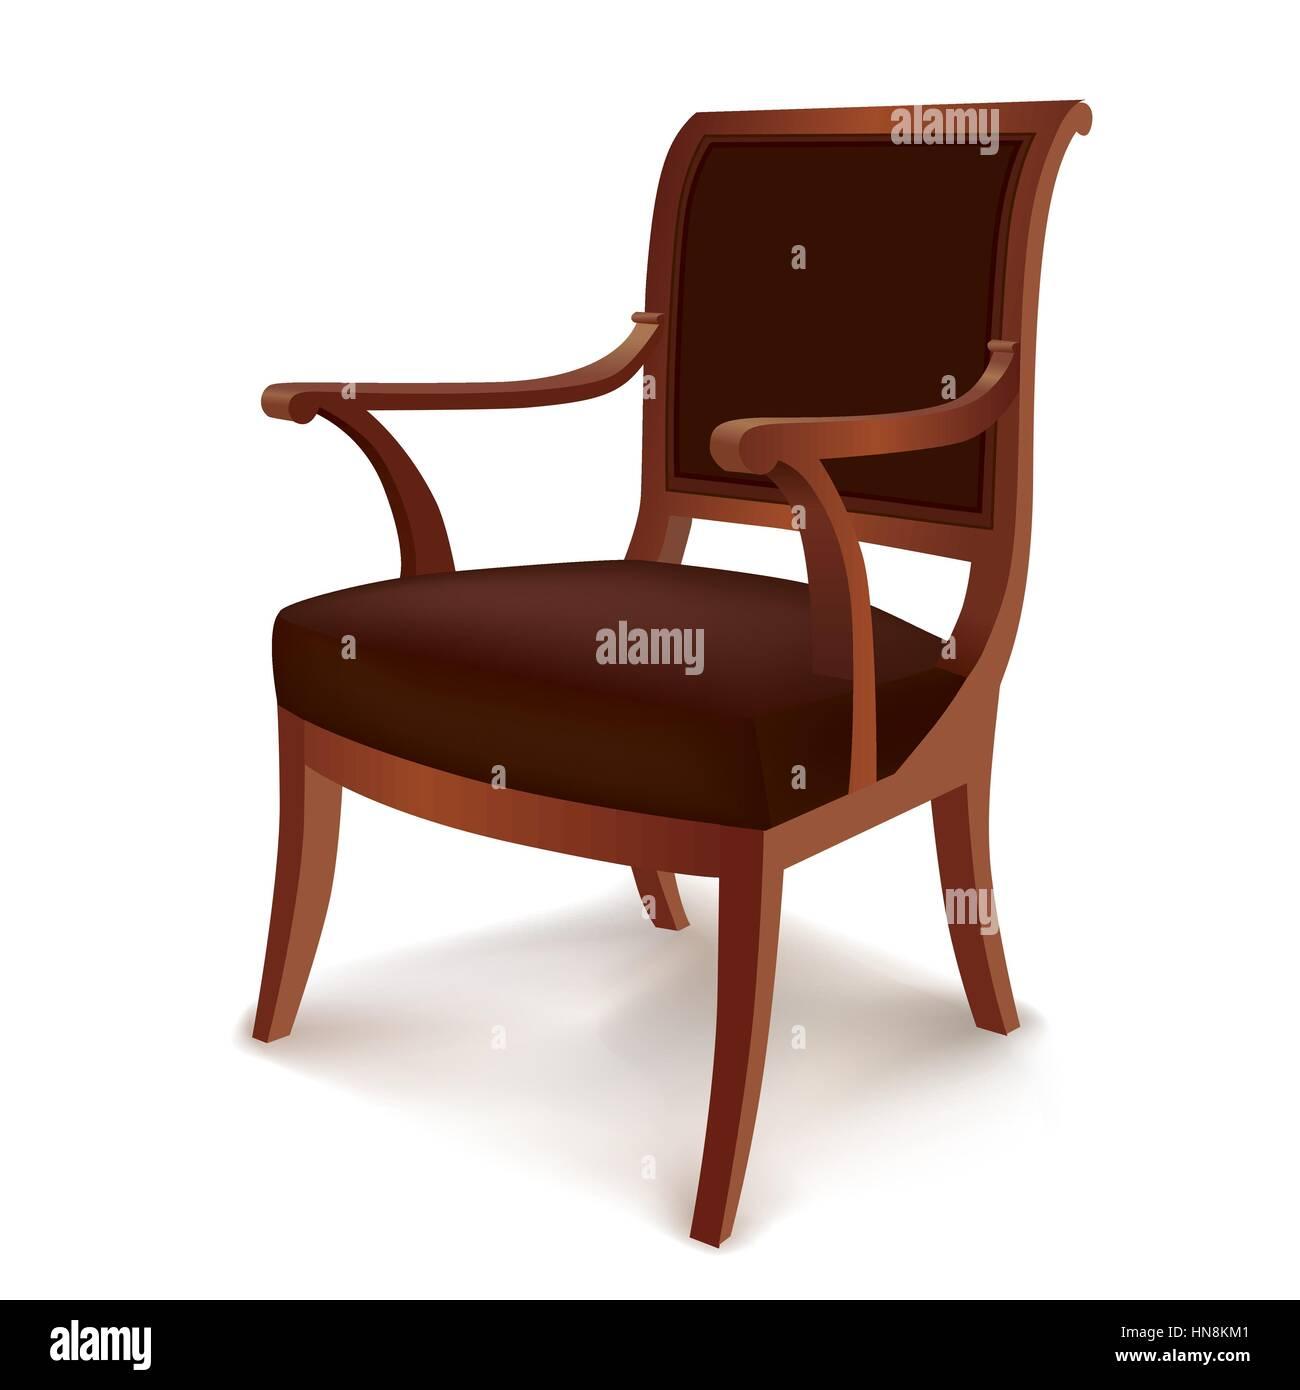 Sessel Vintage Stuhl Im Retro Stil Auf Weißem Hintergrund Vektor